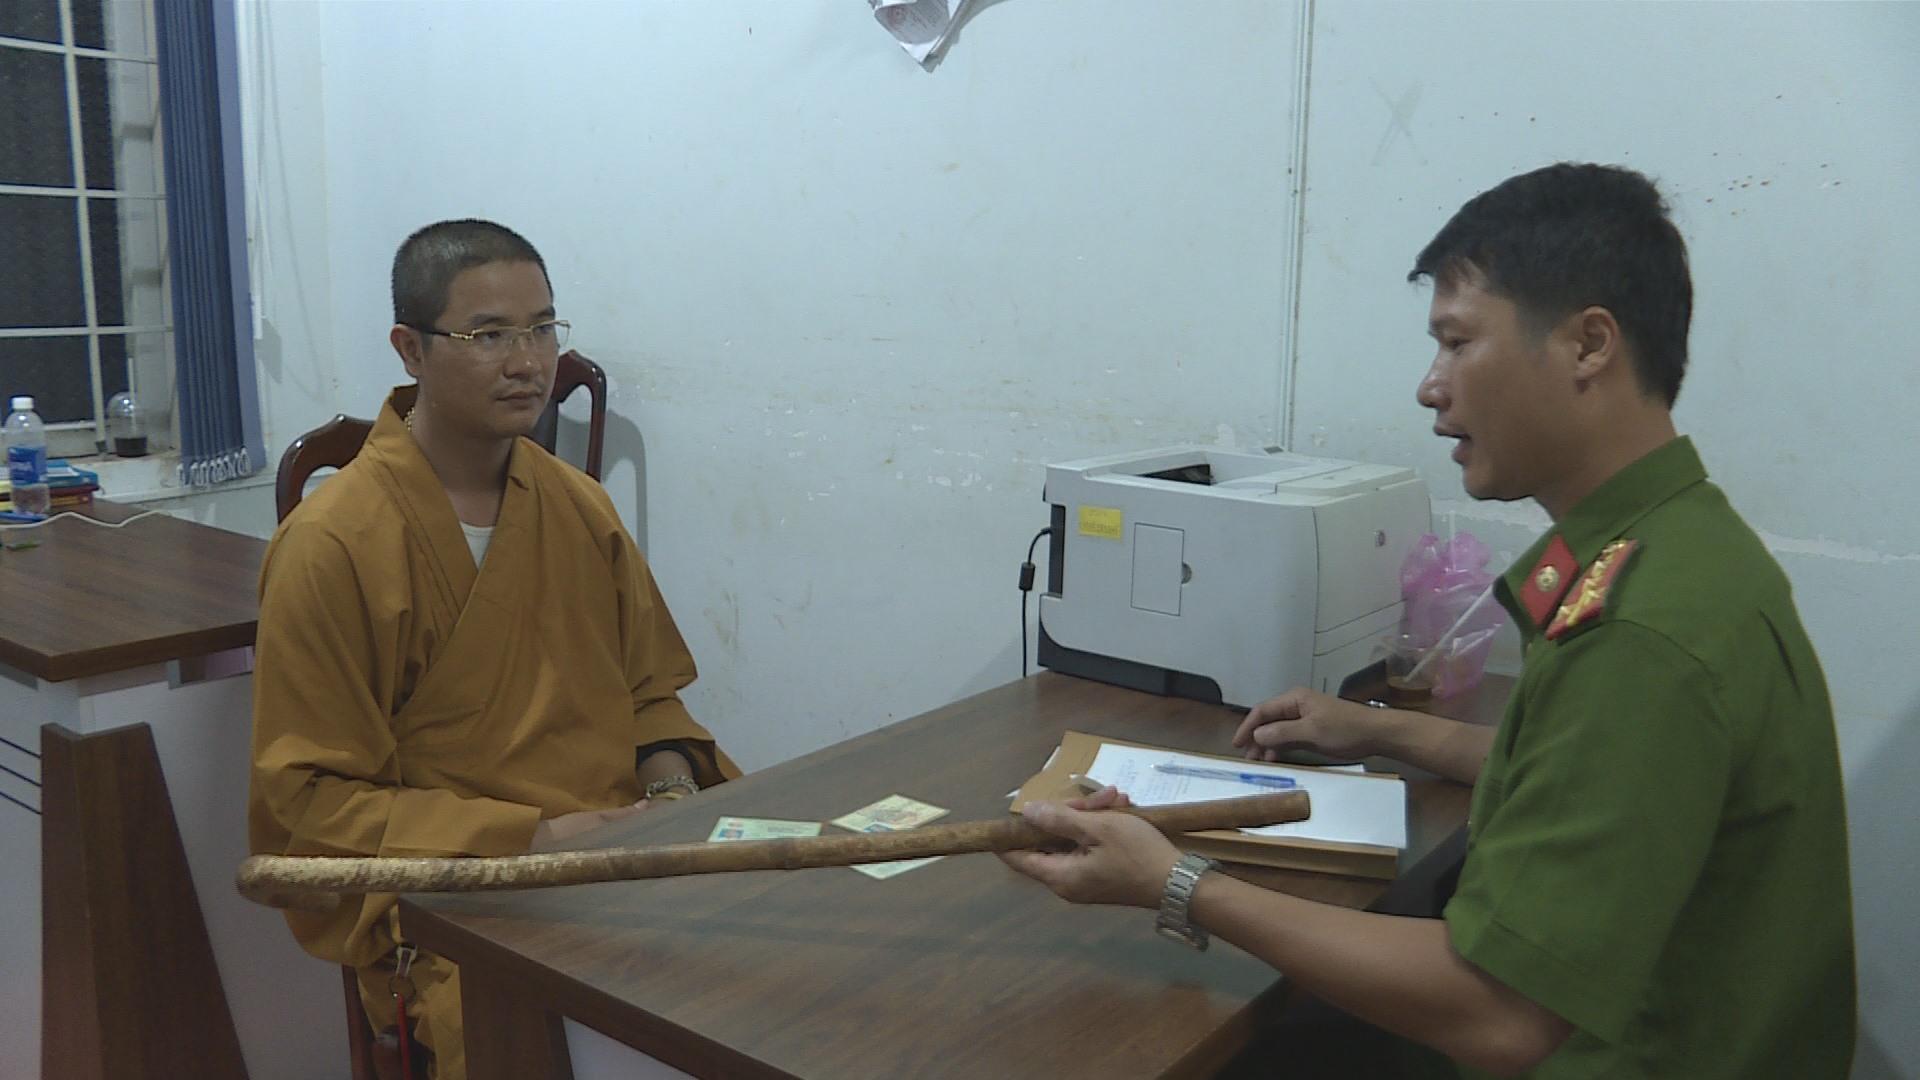 Sự việc sư thầy Lê Văn Thành ở Đắk Lắk dùng gậy đập vỡ kính ô tô đặt nhiều dấu hỏi về tính từ bi, bác ái của một số thầy tu và văn hóa giao thông ở Việt Nam (11/9/2019)